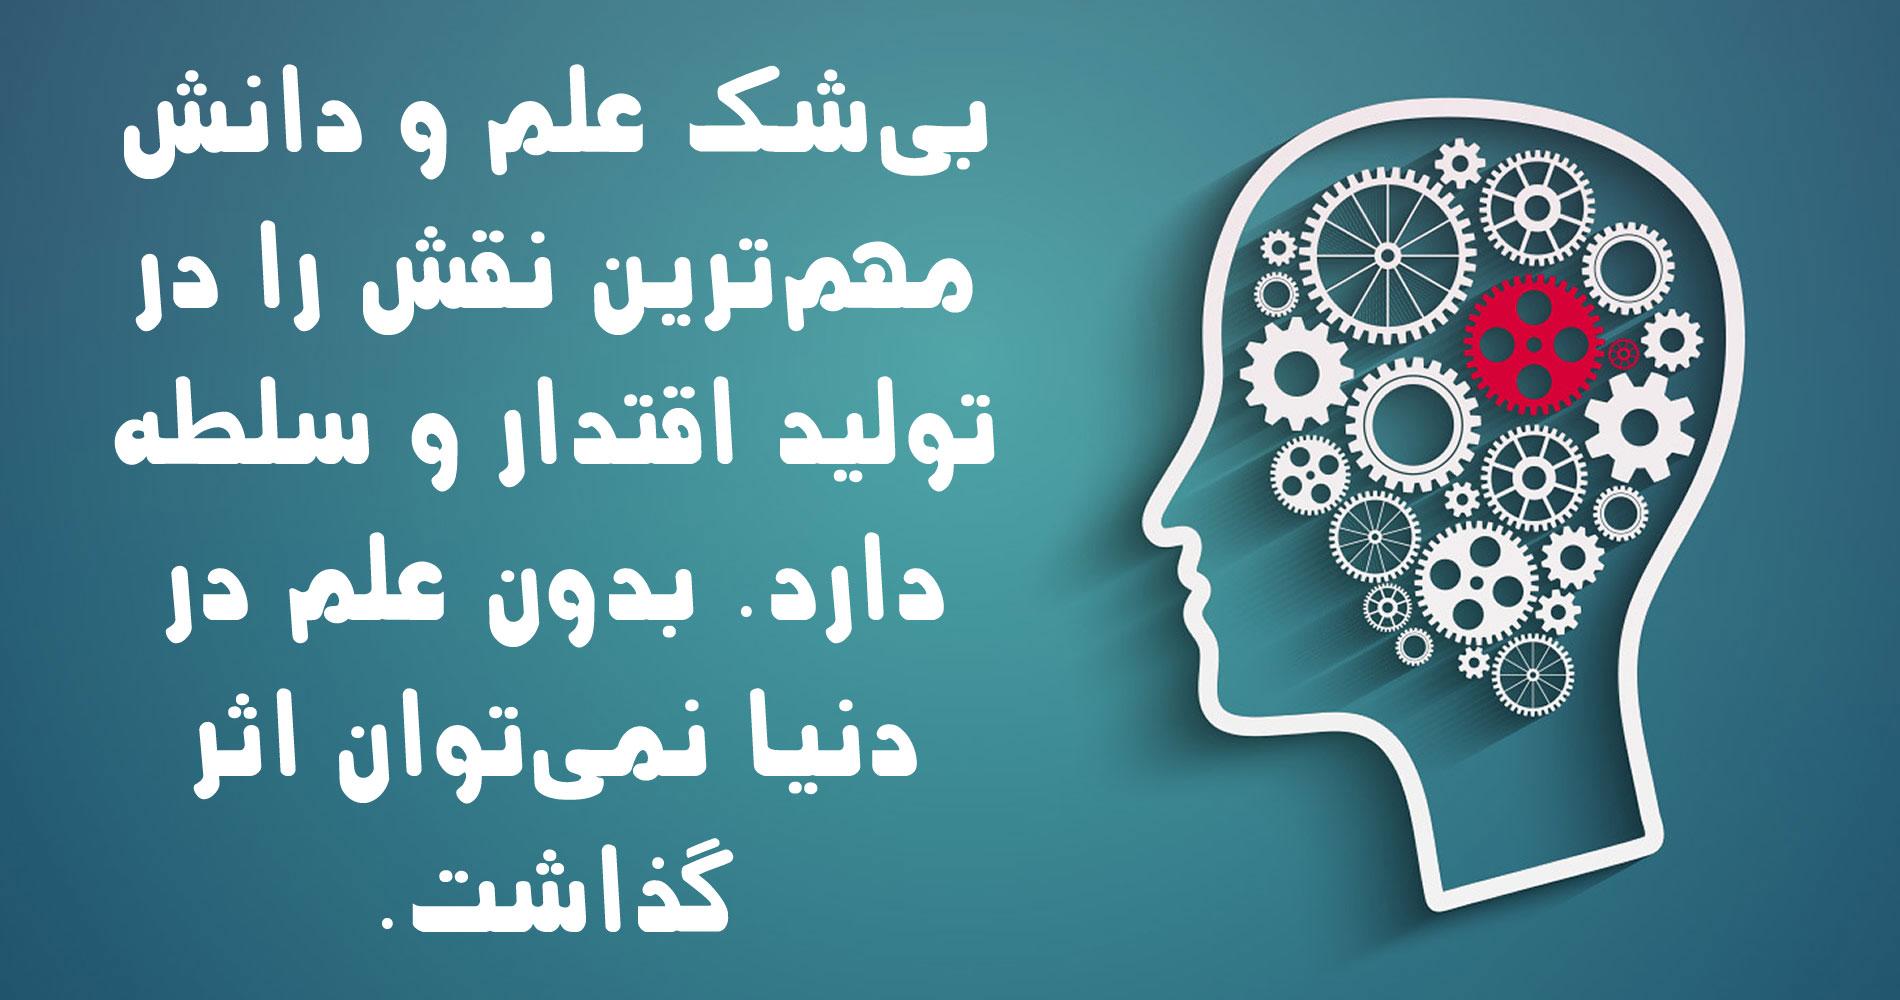 بدون علم در دنیا نمیتوان اثر گذاشت...